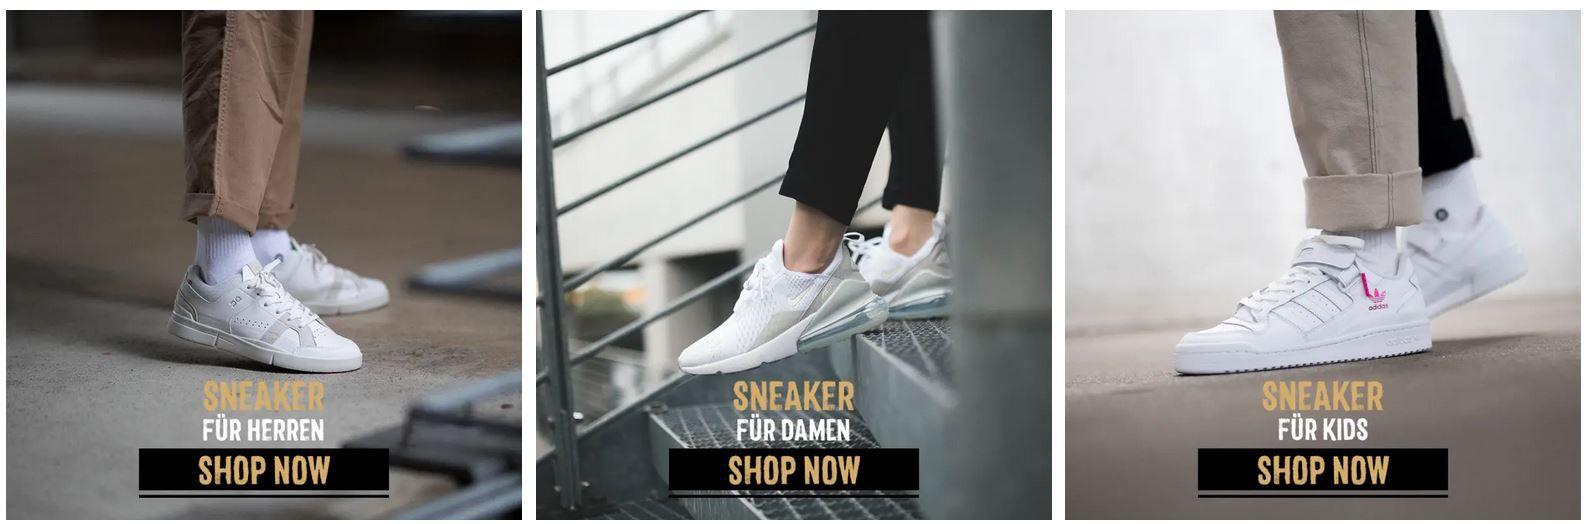 SNEAXS mit 20% Rabatt auf Alles, auch im Sale   Top Sneaker zu gutenPreisen